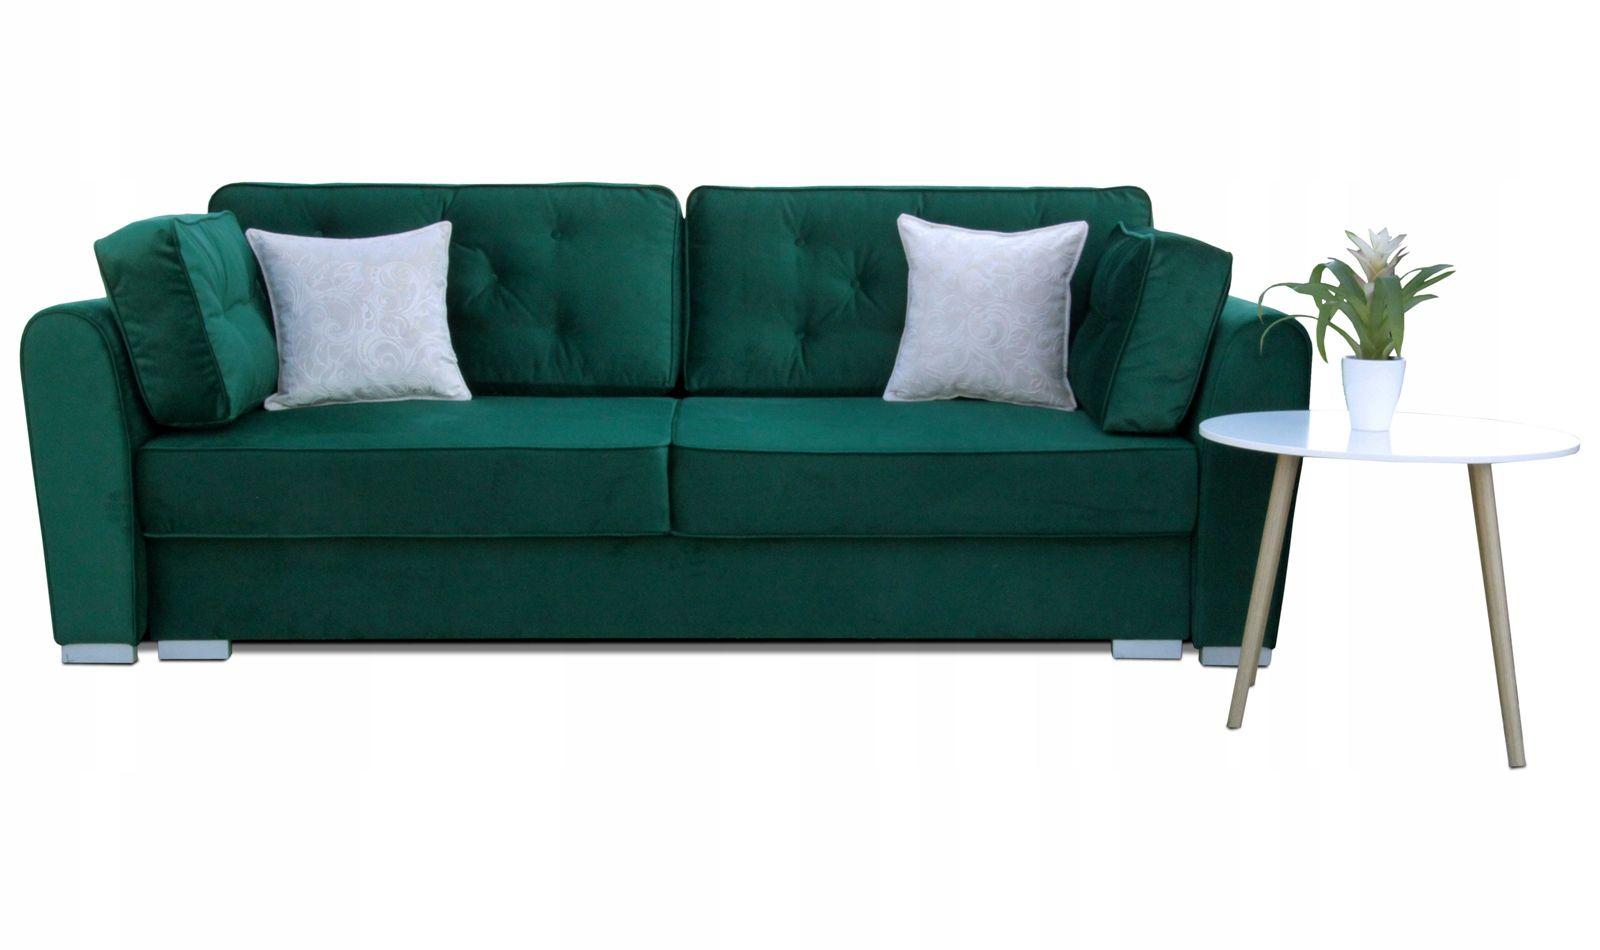 Zielona Kanapa Scilla Sofa Rozkladana Wypoczynek 7615484197 Oficjalne Archiwum Allegro Sofa Furniture Couch